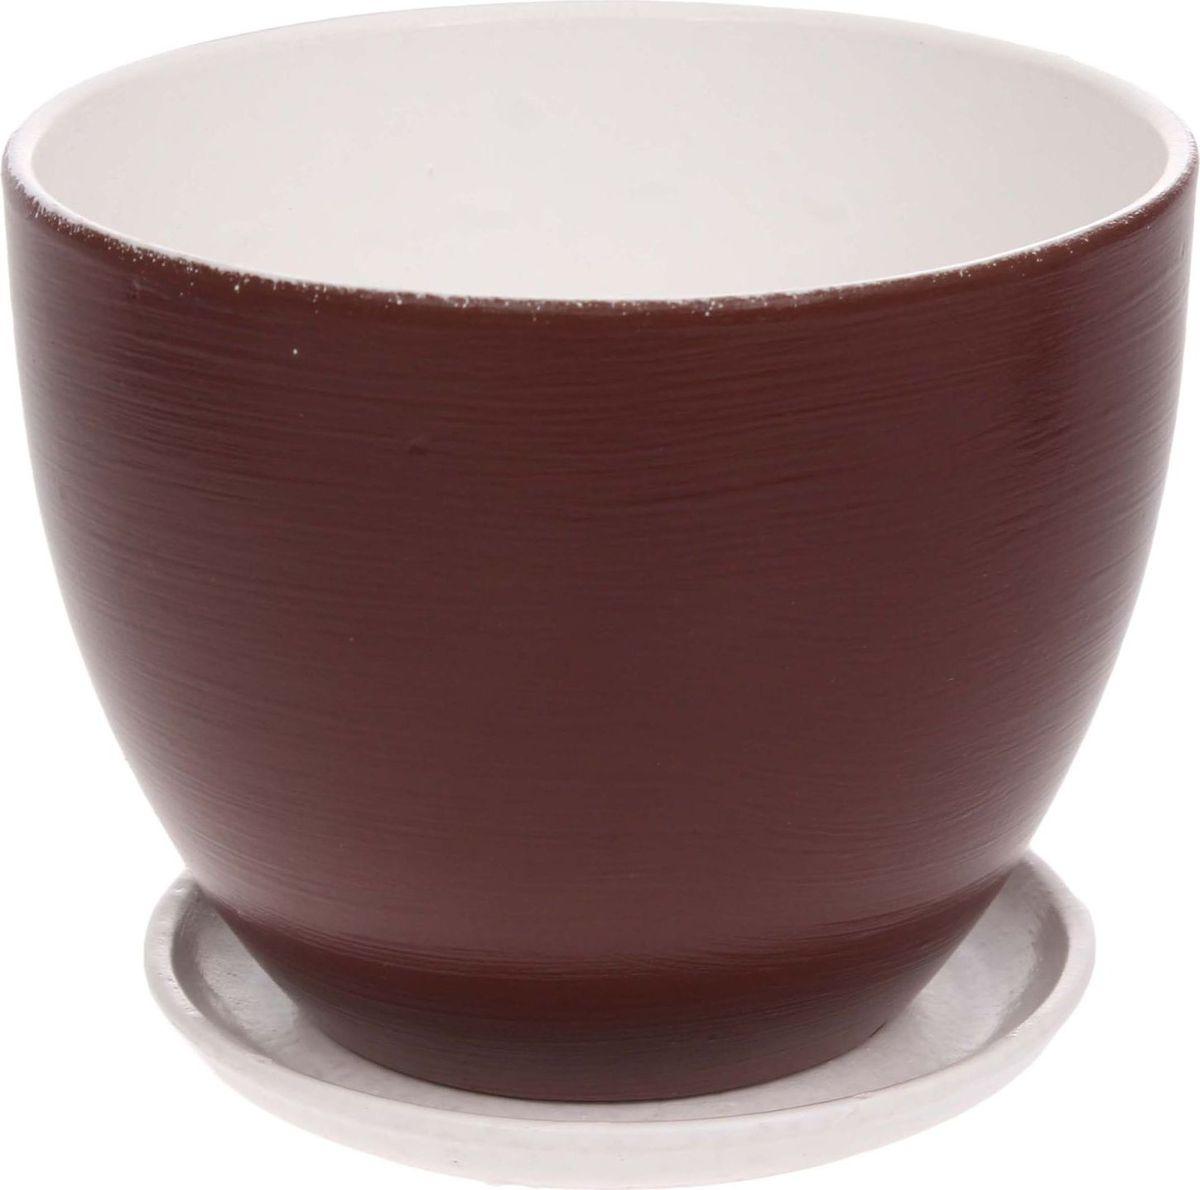 Кашпо Драже, цвет: коричневый, 1,1 л1186594Комнатные растения — всеобщие любимцы. Они радуют глаз, насыщают помещение кислородом и украшают пространство. Каждому из них необходим свой удобный и красивый дом. Кашпо из керамики прекрасно подходят для высадки растений: за счет пластичности глины и разных способов обработки существует великое множество форм и дизайнов пористый материал позволяет испаряться лишней влаге воздух, необходимый для дыхания корней, проникает сквозь керамические стенки! позаботится о зеленом питомце, освежит интерьер и подчеркнет его стиль.